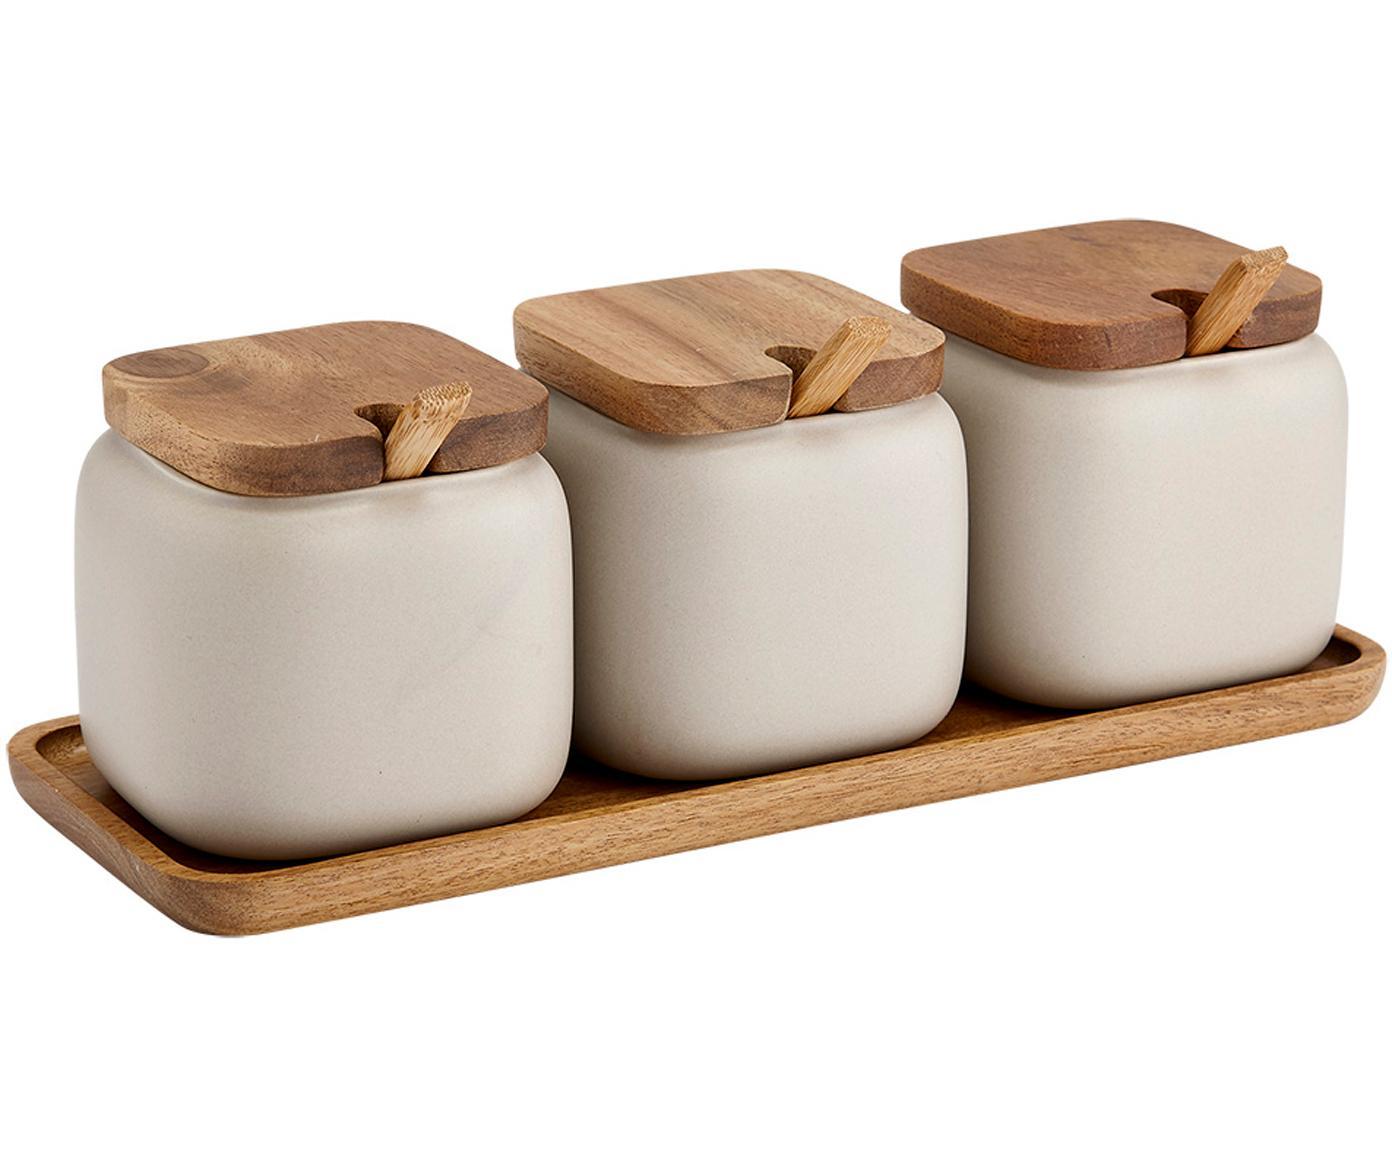 Set de especias Essentials, 7pzas., Porcelana, madera de acacia, Color arena, acacia, Tamaños diferentes